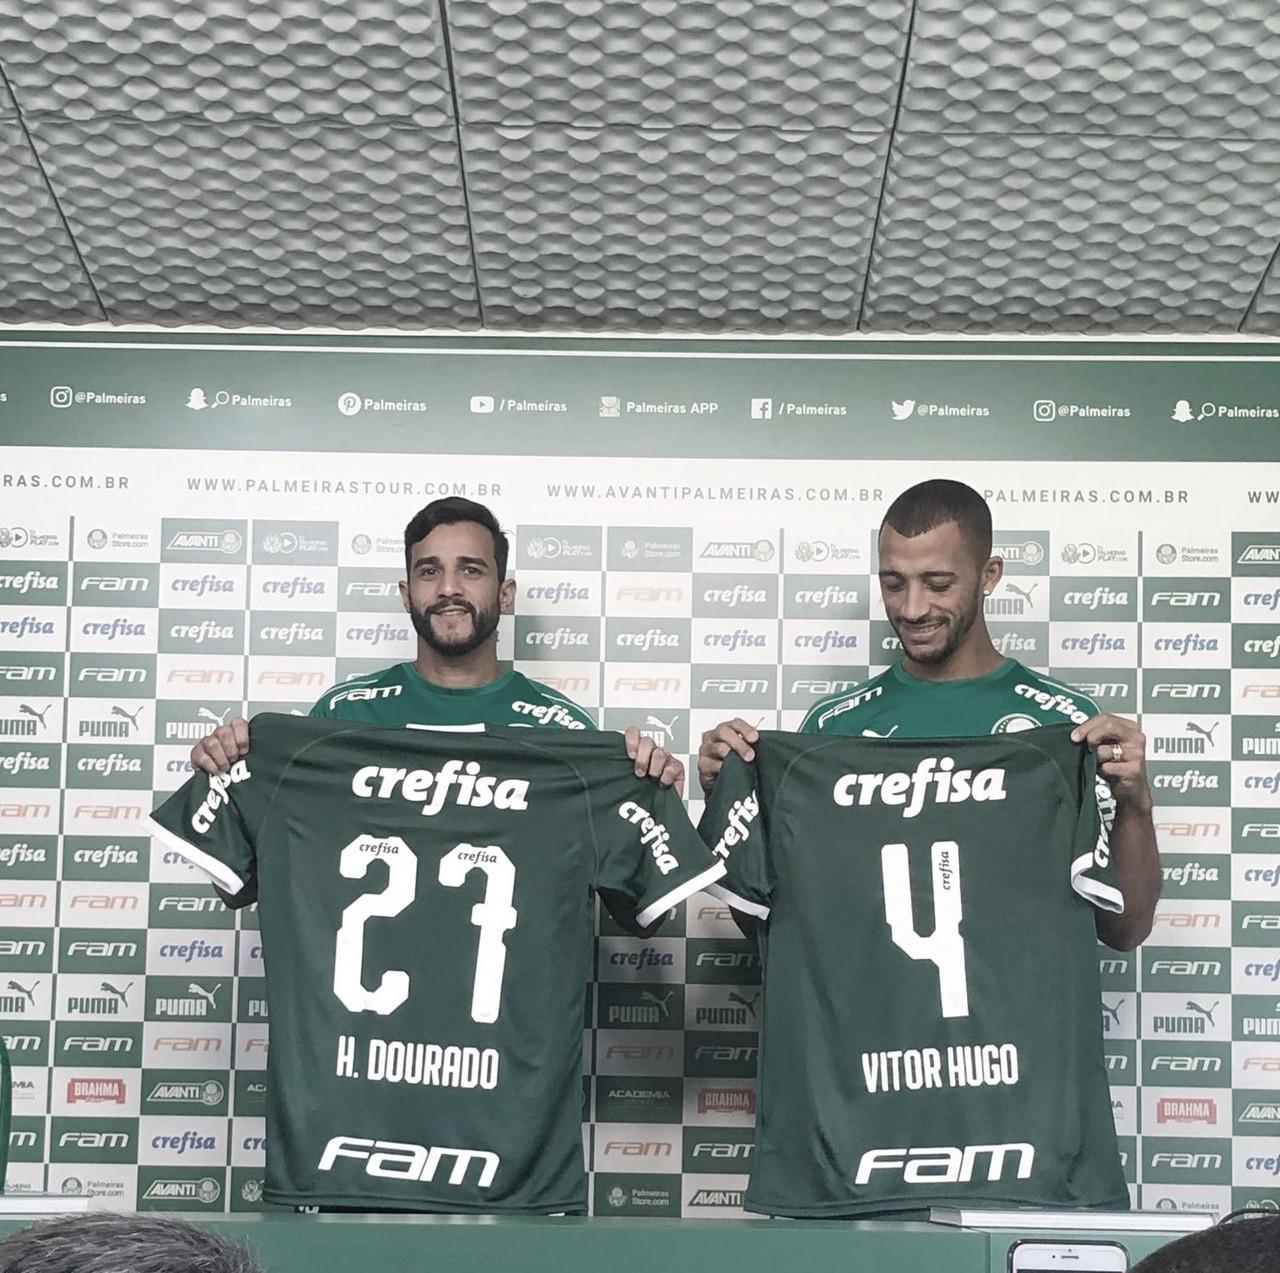 Vitor Hugo e Henrique Dourado são apresentados no Palmeiras para restante da temporada